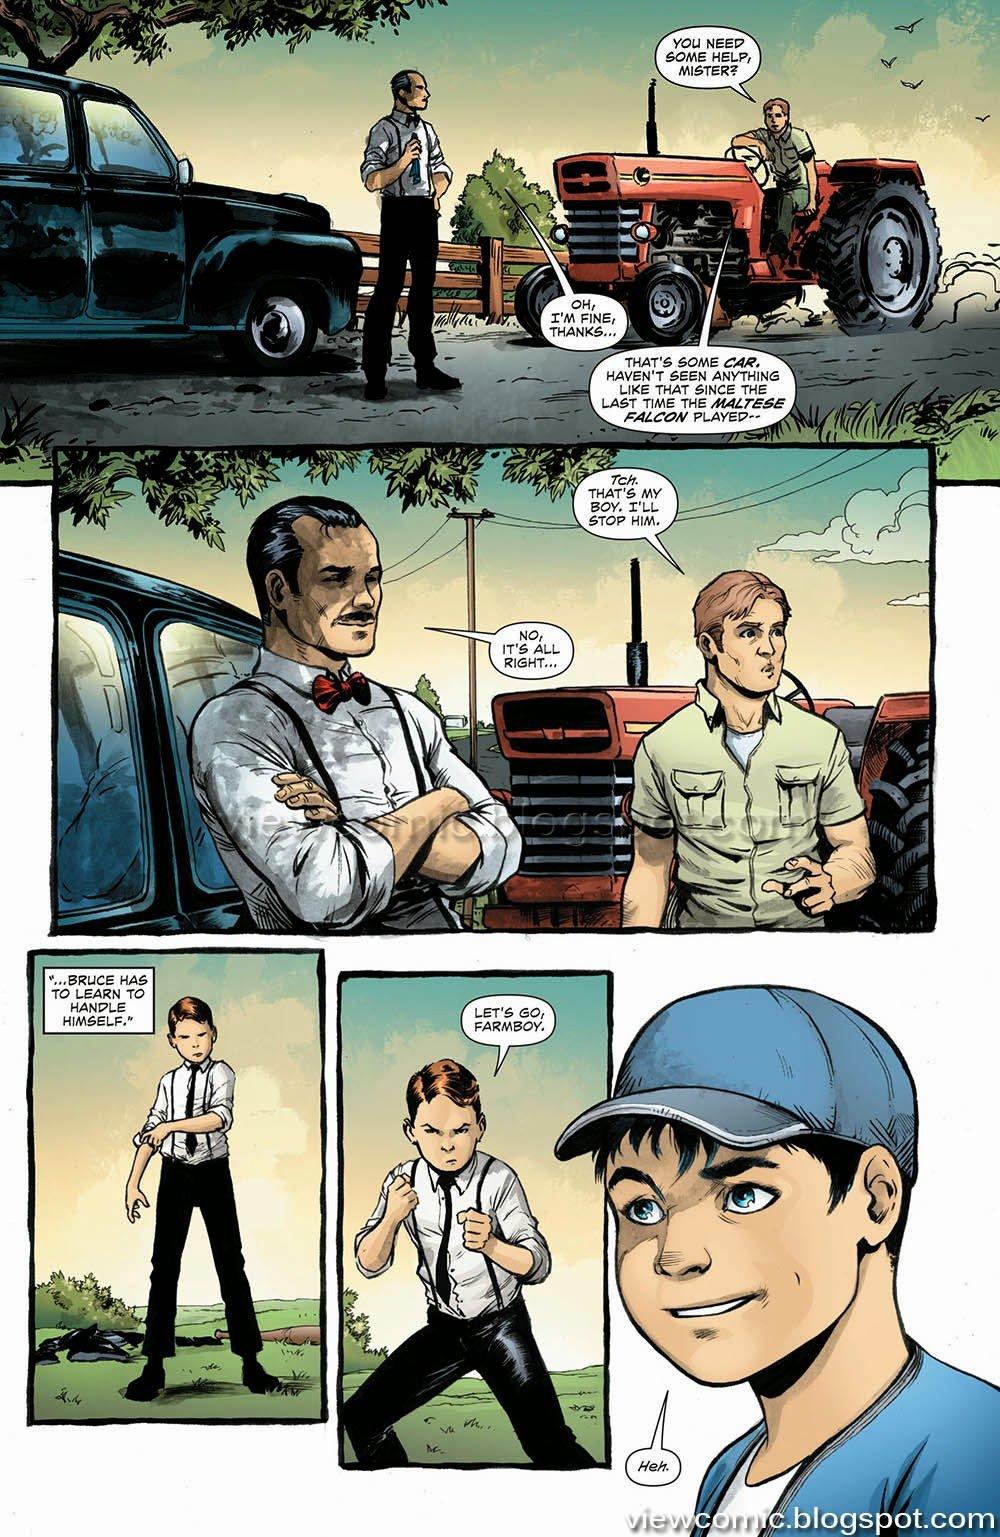 When Clark met Bruce